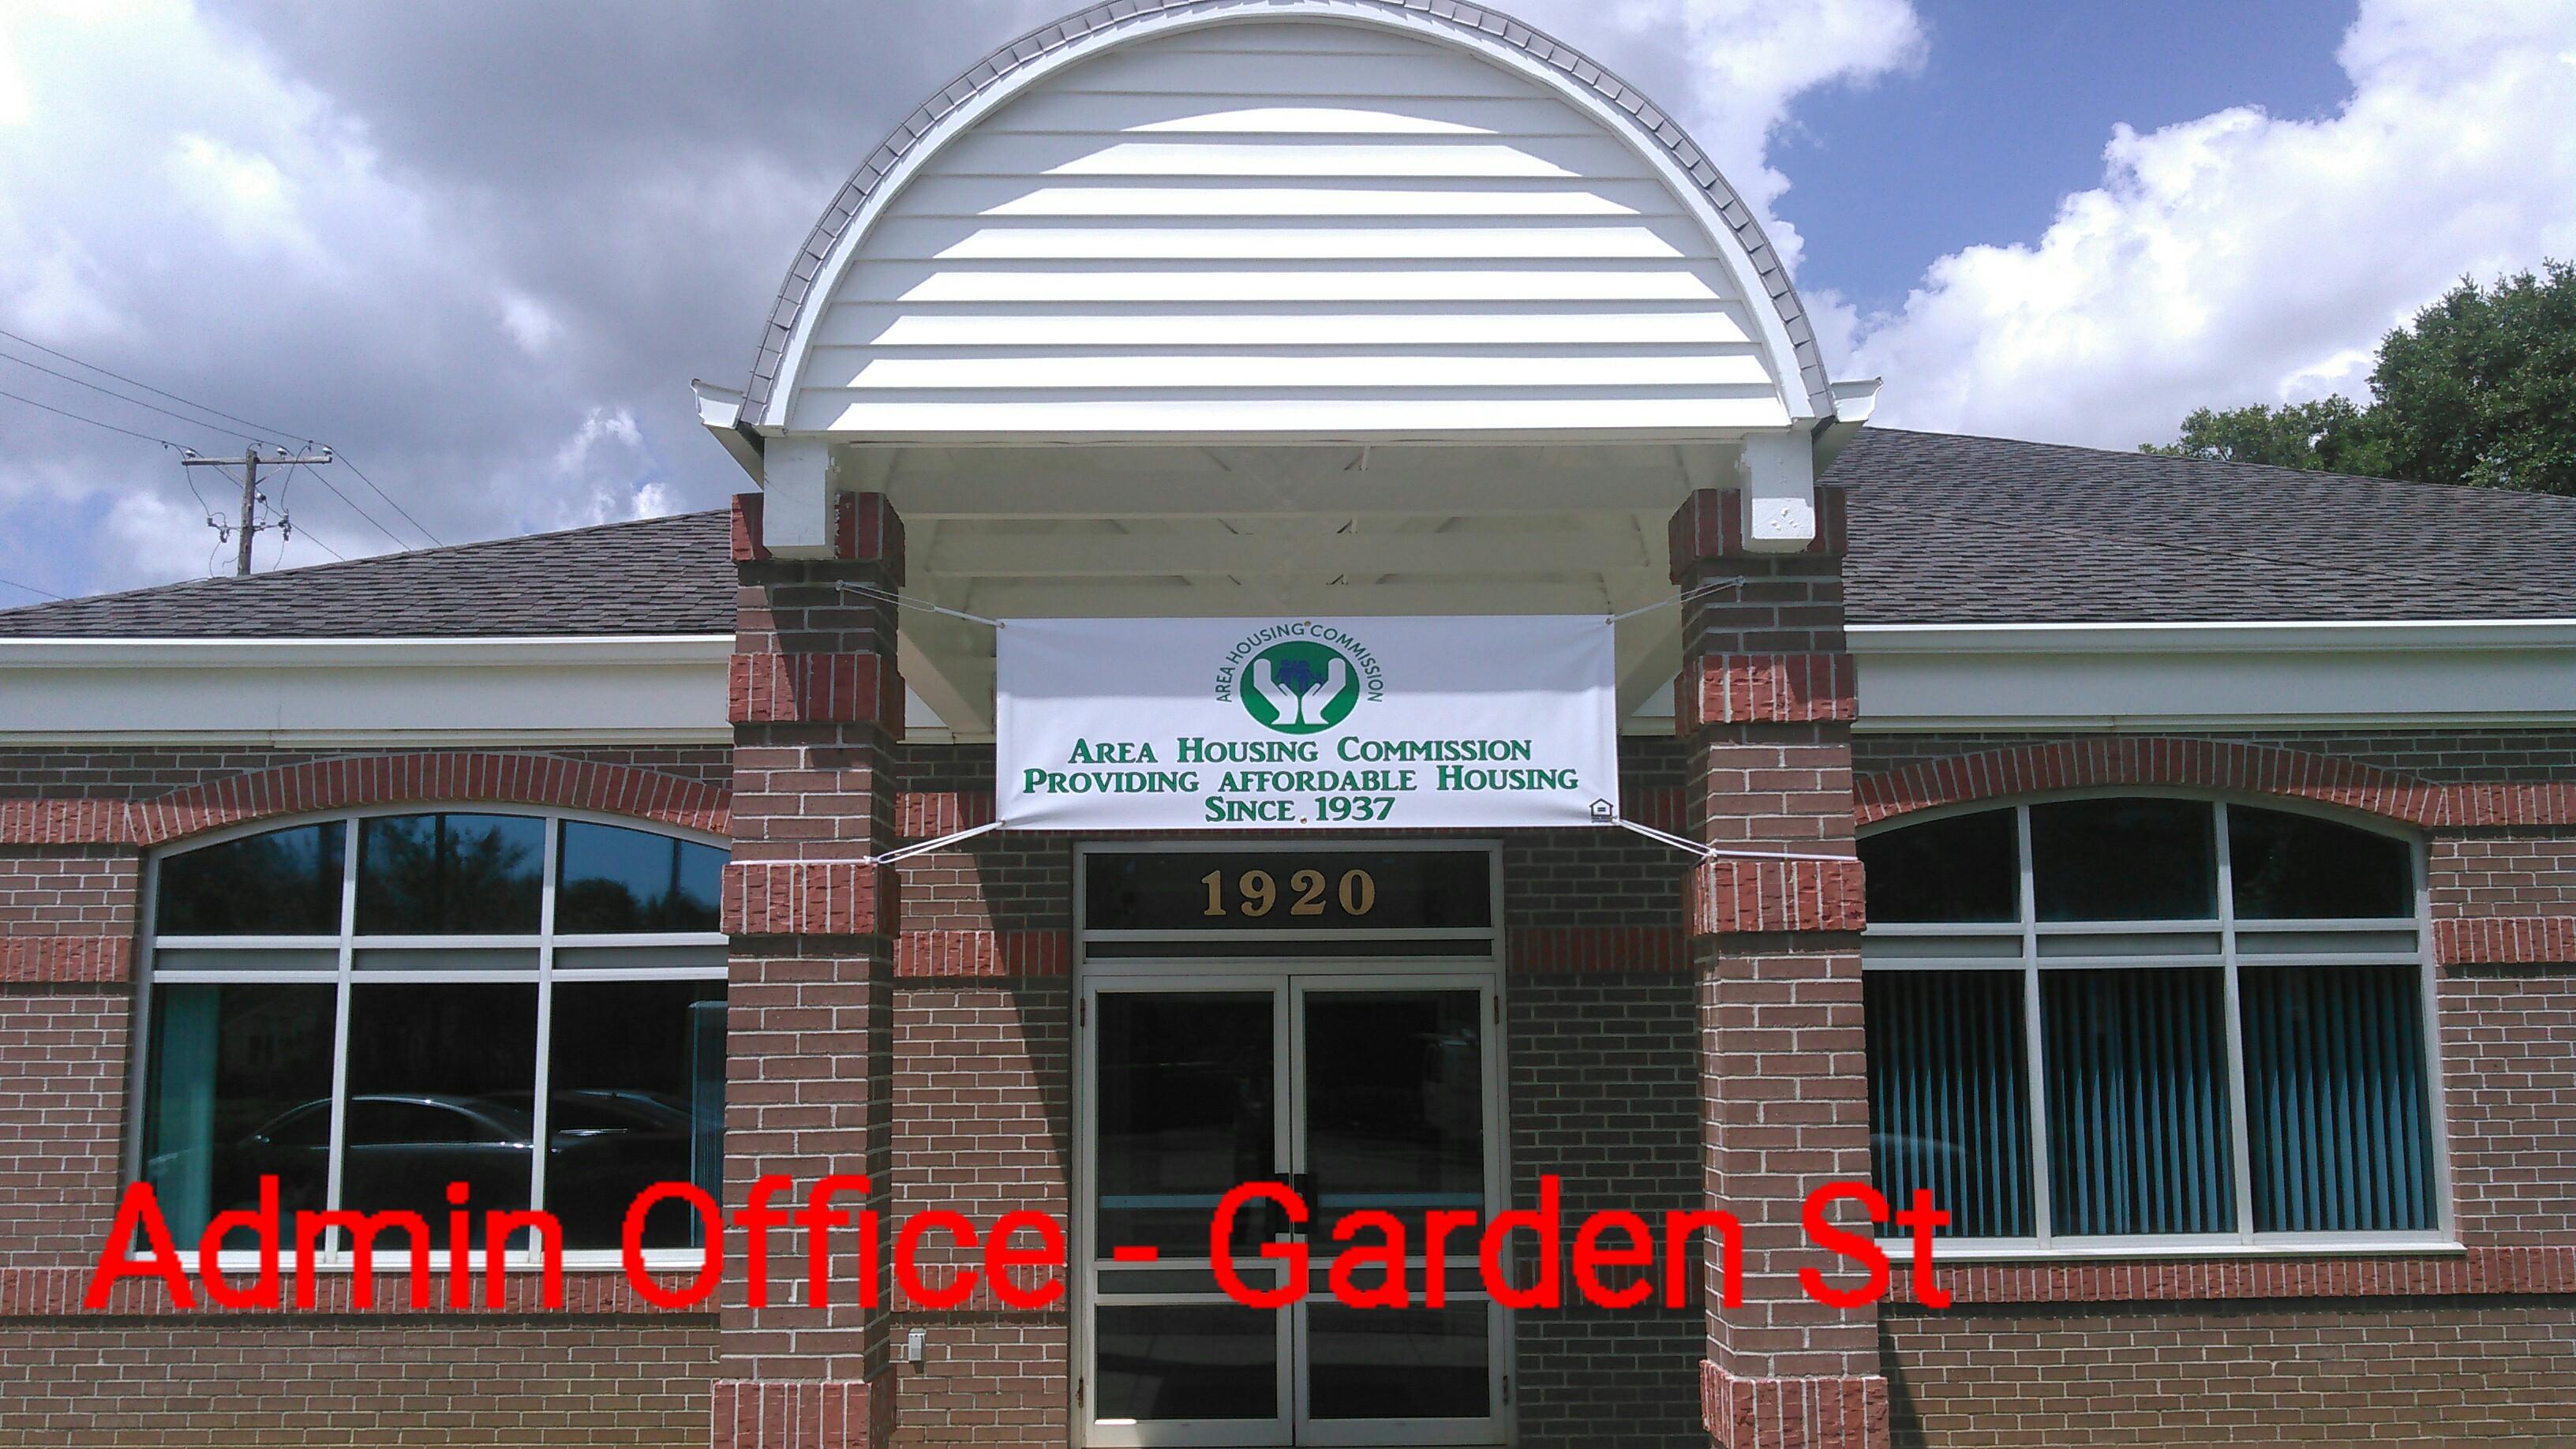 Garden St